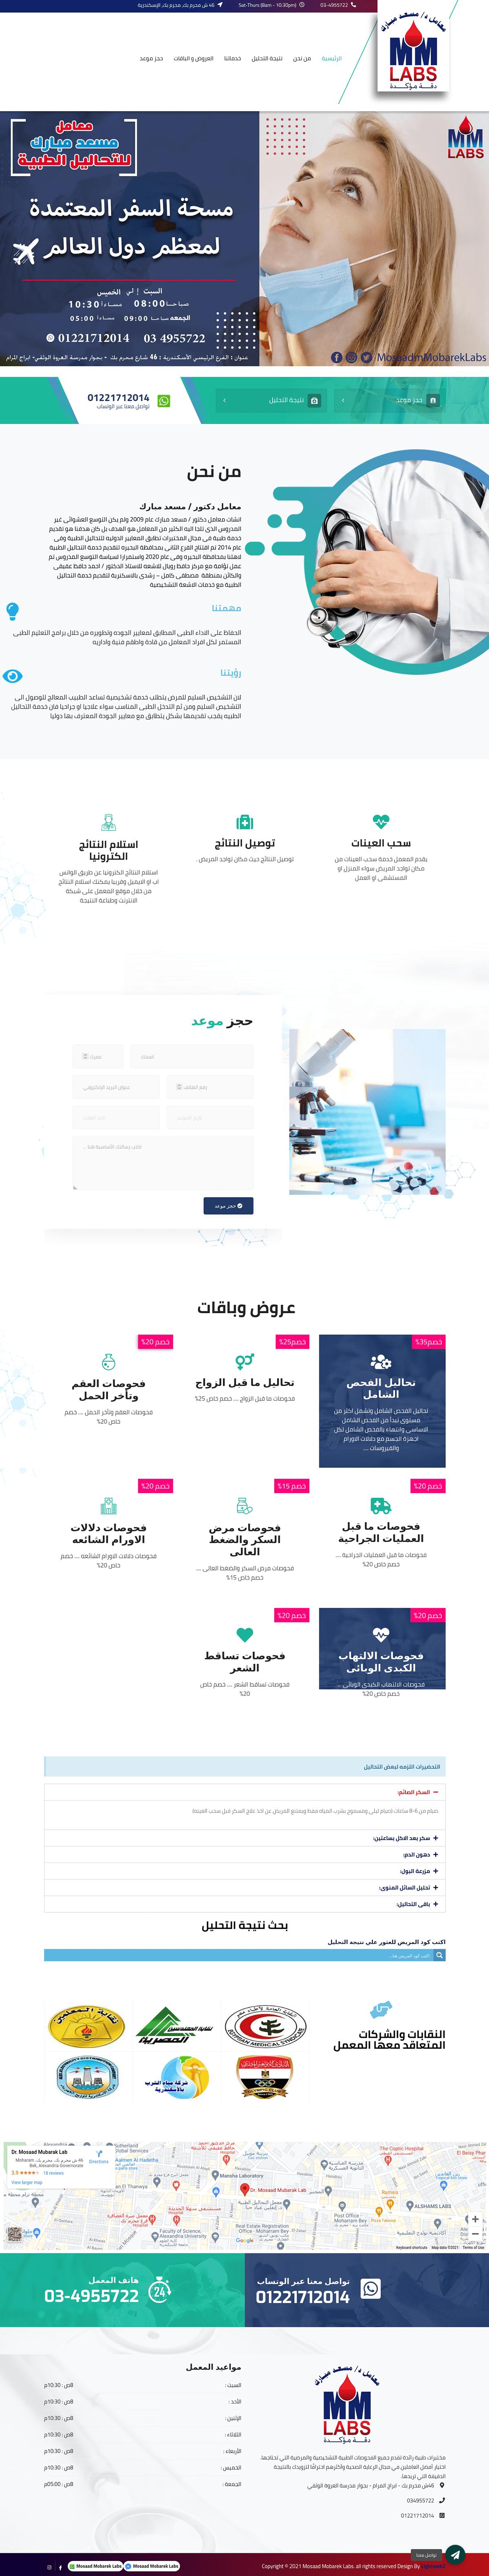 elementor hospital medical ui design UI/UX user interface ux Web Design  Website Design wordpress